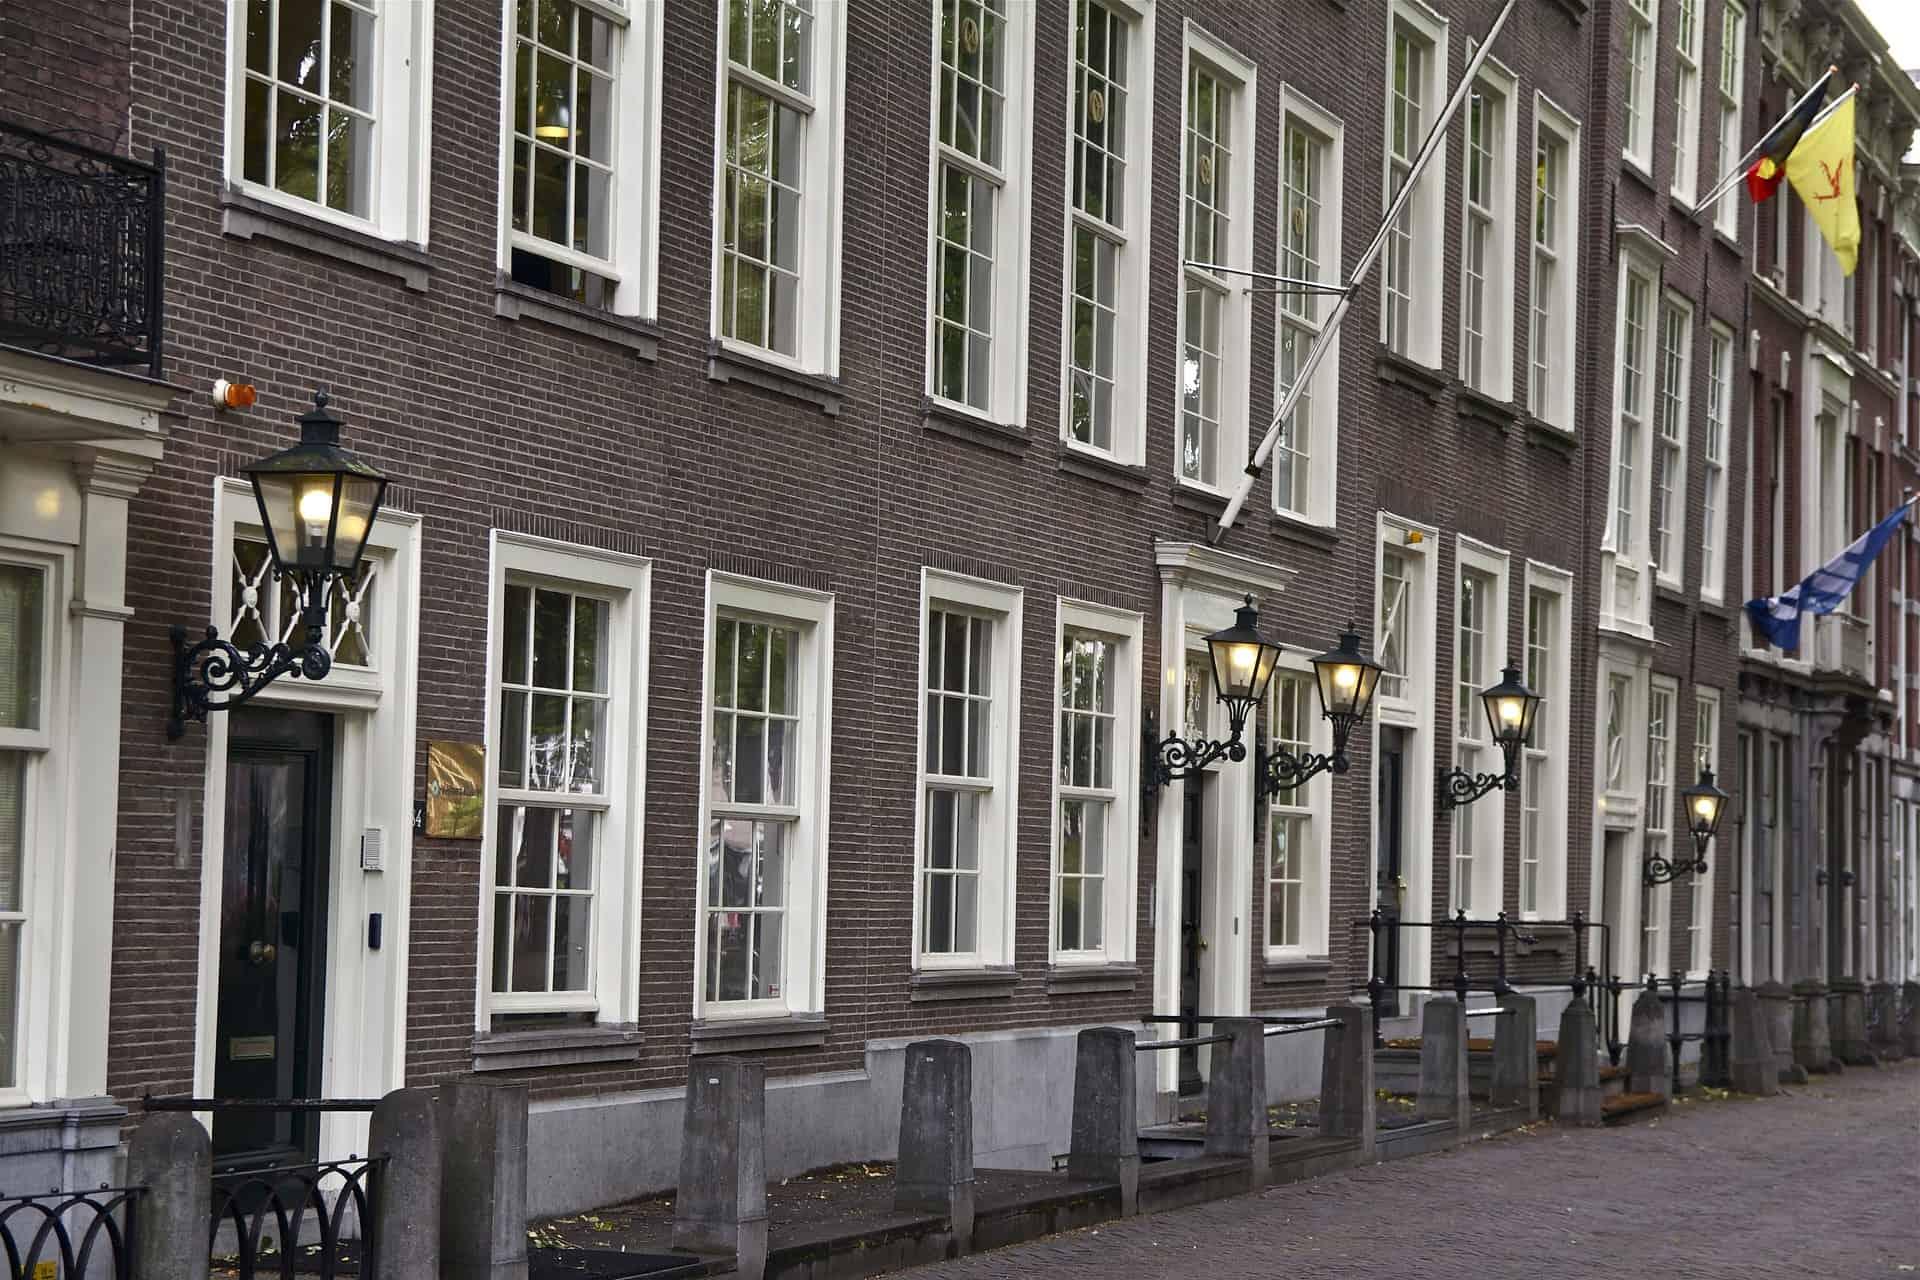 Bedrijfsuitje Den Haag - straten van Den Haag